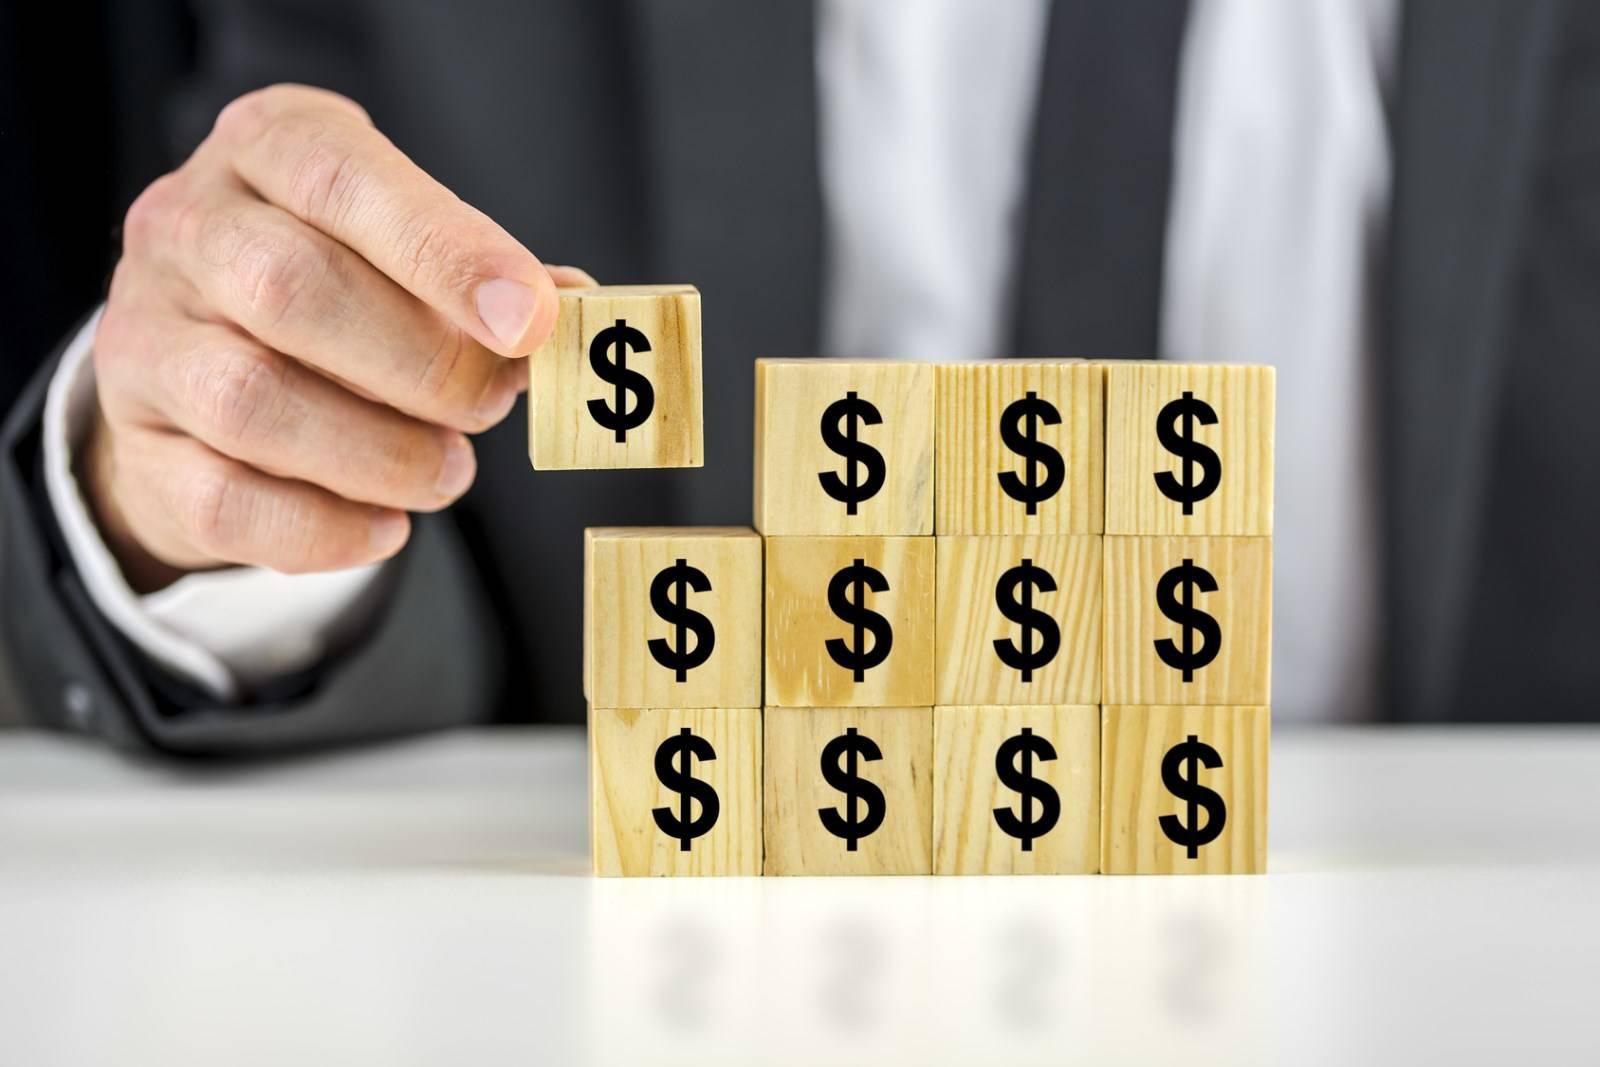 圆心财税|关于汇算清缴的常见问题解答